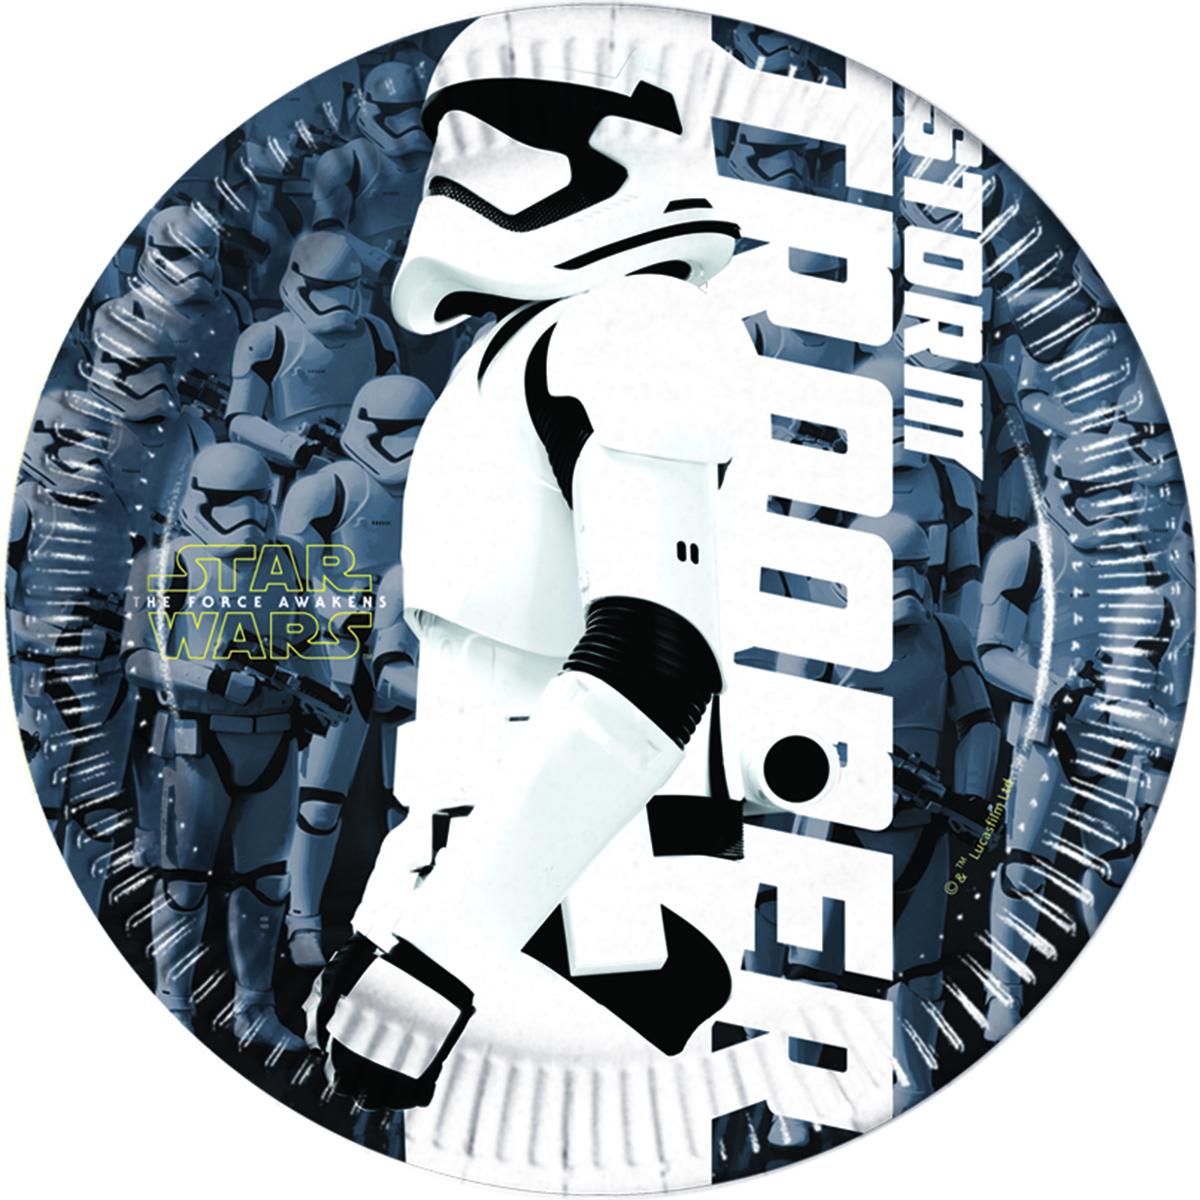 Procos Тарелка Звездные войны 20 см 8 шт1502-1922Бумажные тарелки Procos Звездные войны создадут на вашем празднике атмосферу настоящих галактических приключений. Тарелки специально для поклонников VII эпизода Звёздных войн. В упаковке 8 малых ламинированных тарелок. Диаметр тарелок 20 см.